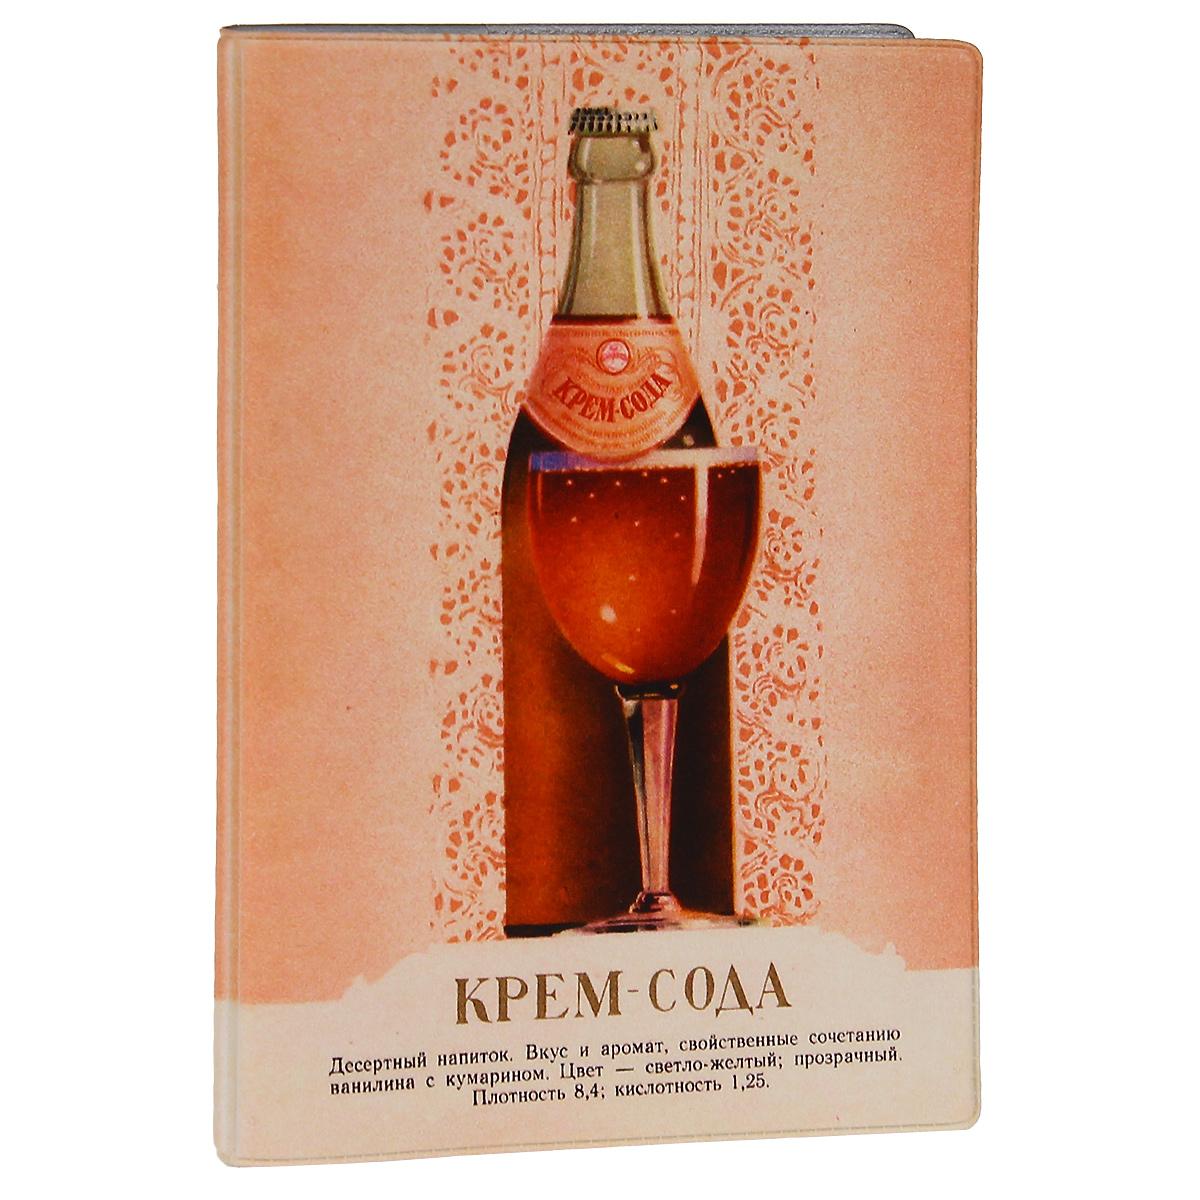 Обложка для автодокументов Крем-сода. AUTOZAM271AUTOZAM271Обложка для автодокументов Mitya Veselkov Крем-сода изготовлена из прочного ПВХ и оформлена изображением в виде бутылки с напитком Крем-сода и наполненным бокалом. На внутреннем развороте имеются съемный блок из шести прозрачных файлов из мягкого пластика для водительских документов, один из которых формата А5, а также два боковых кармашка для визиток или банковских карт. Стильная обложка не только поможет сохранить внешний вид ваших документов и защитит их от грязи и пыли, но и станет аксессуаром, который подчеркнет вашу яркую индивидуальность.